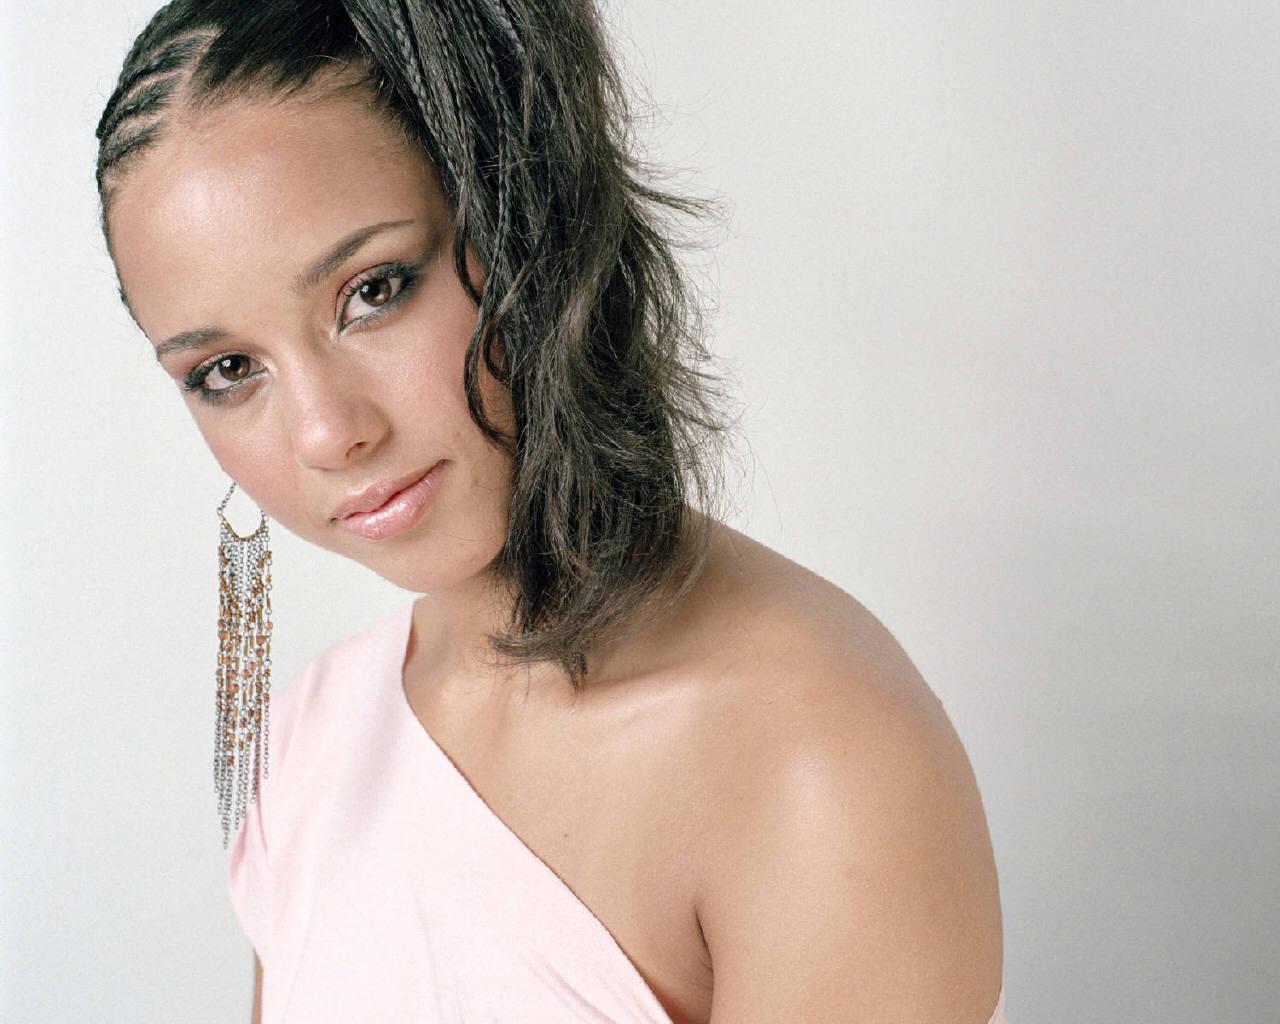 Alicia Keys - Alicia Keys Wallpaper (432013) - Fanpop Alicia Keys